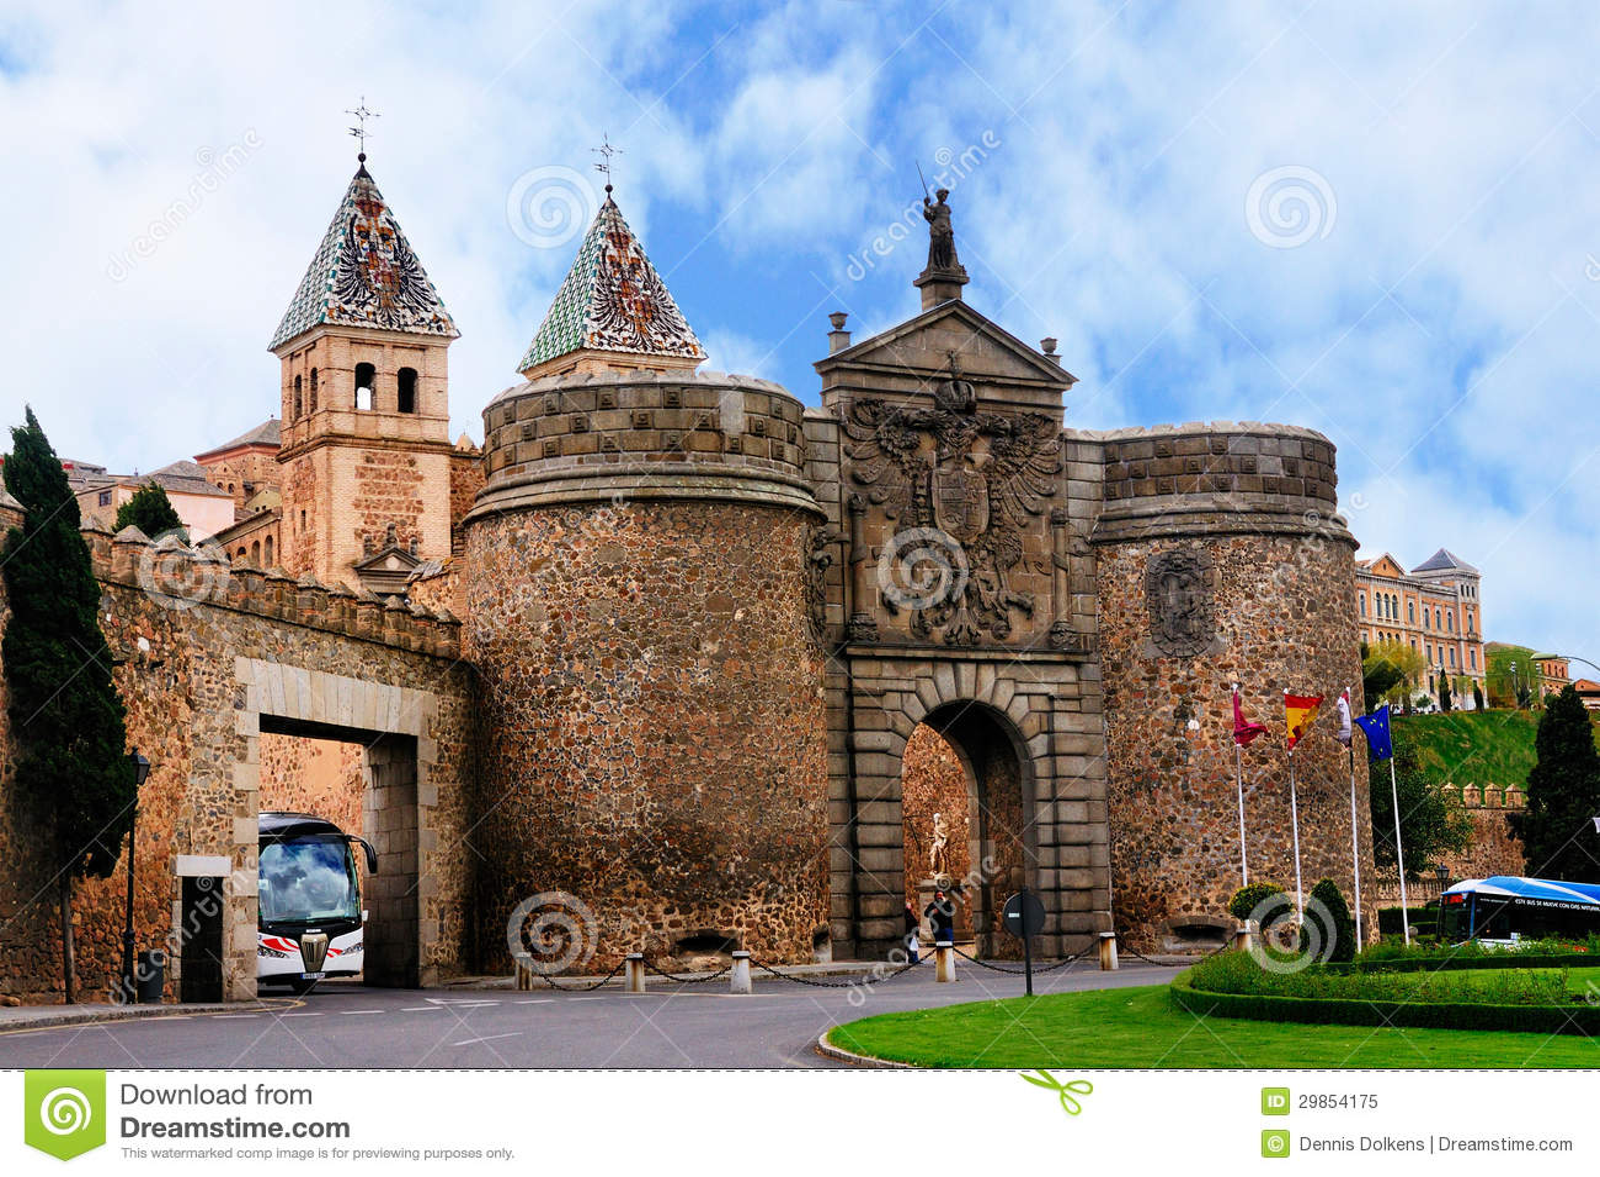 Puerta de bisagra toledo spain editorial image image - Bisagra de puerta ...